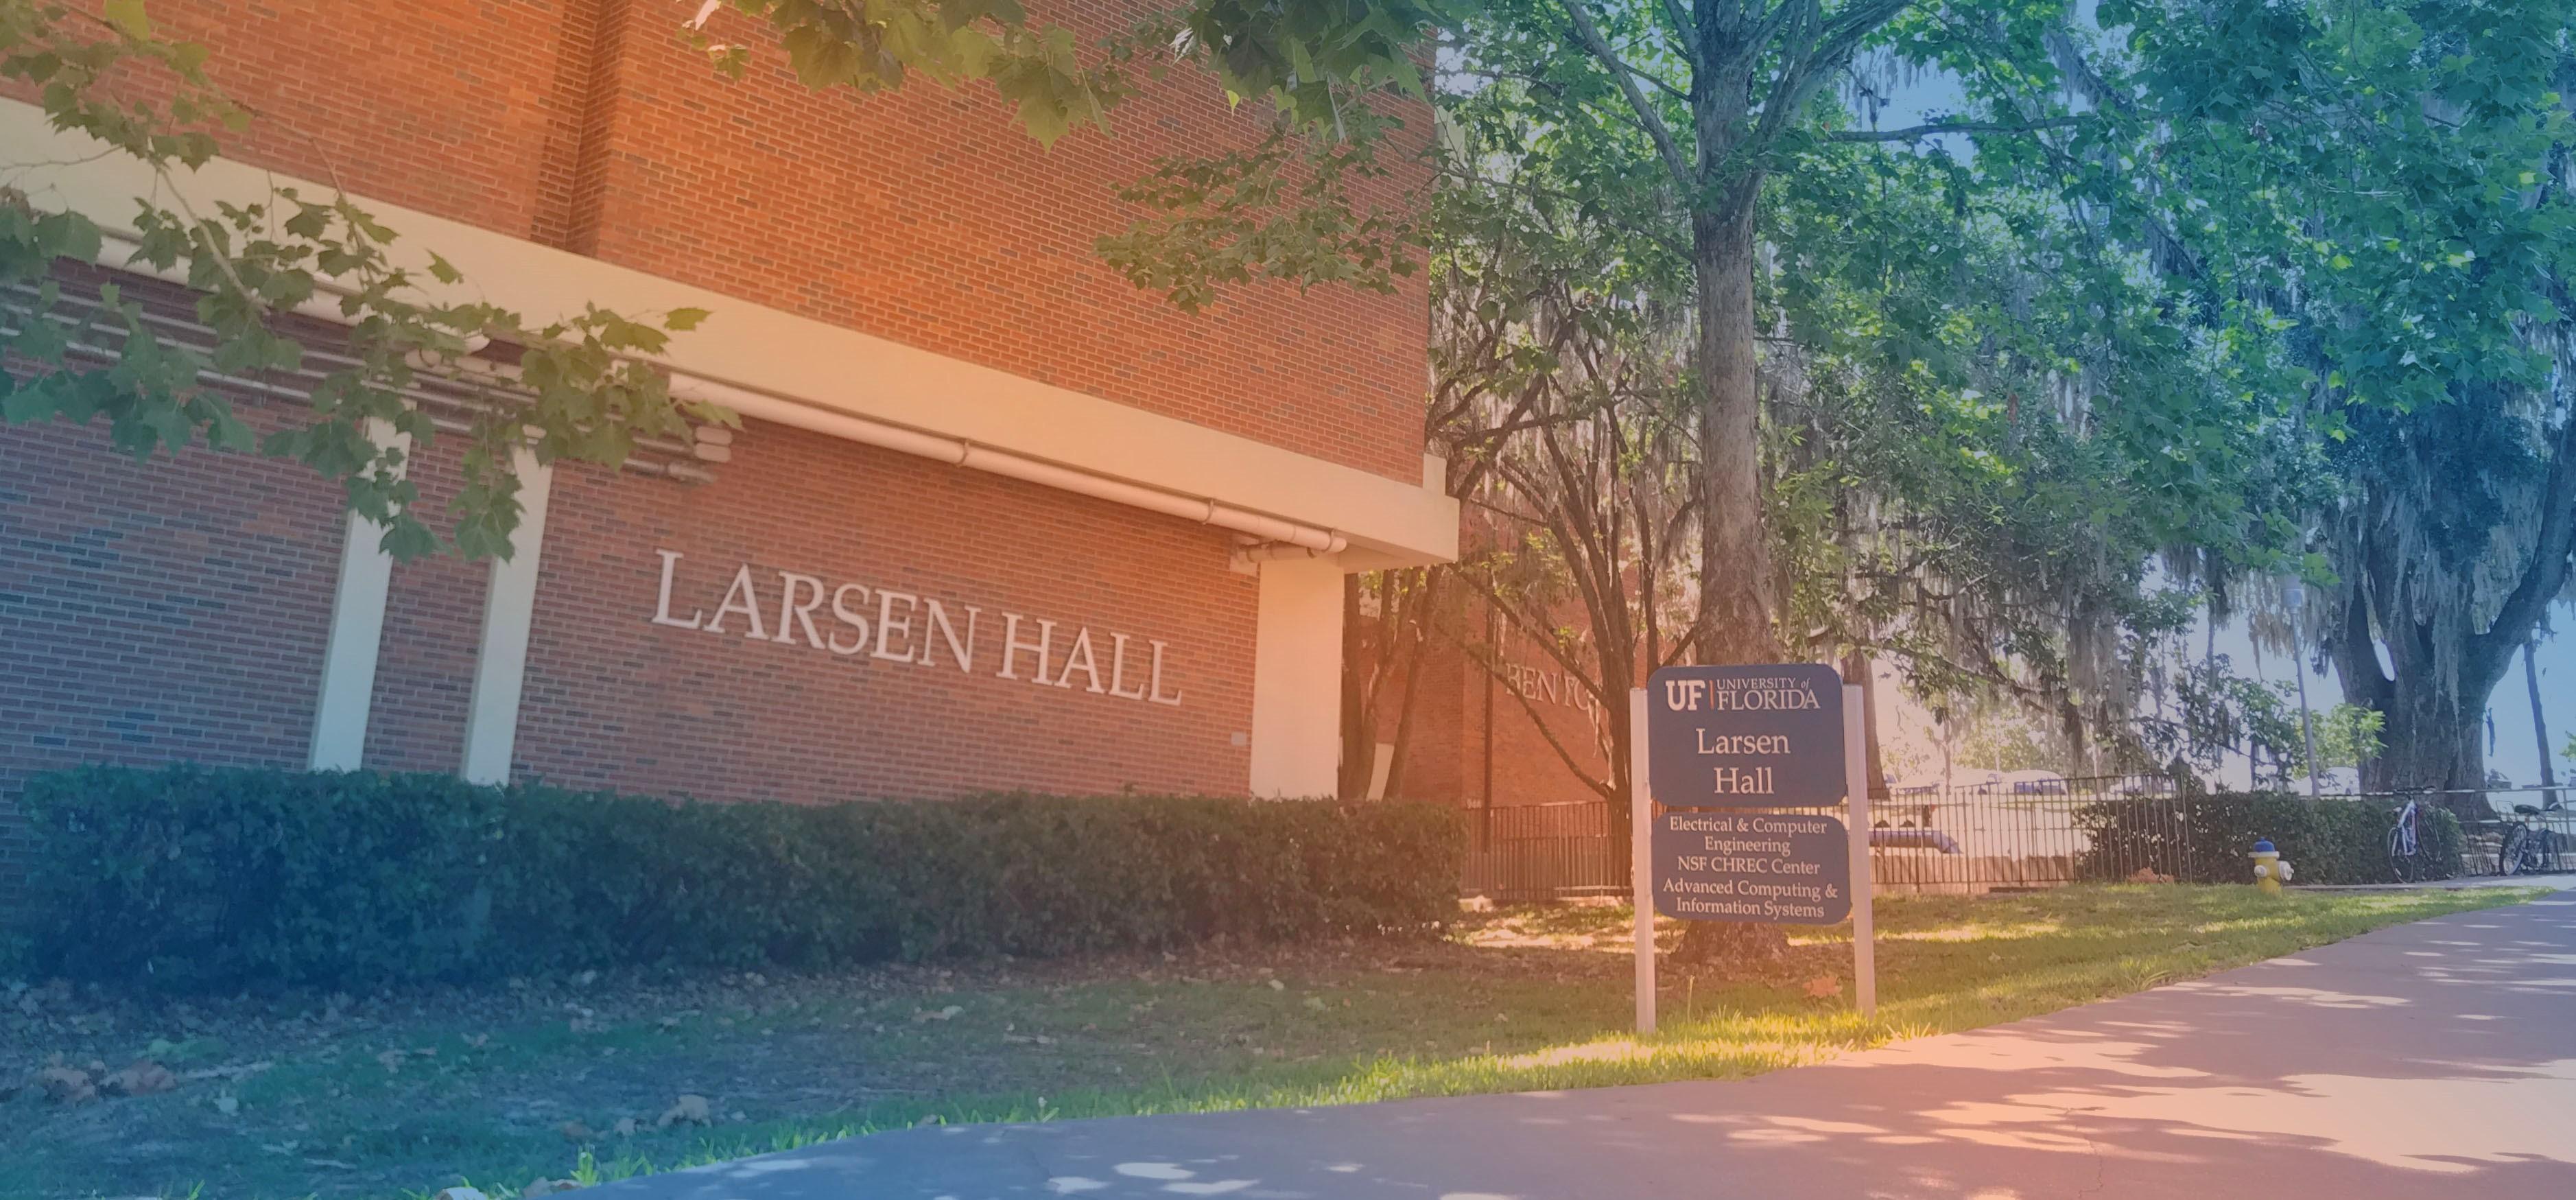 Larsen Hall